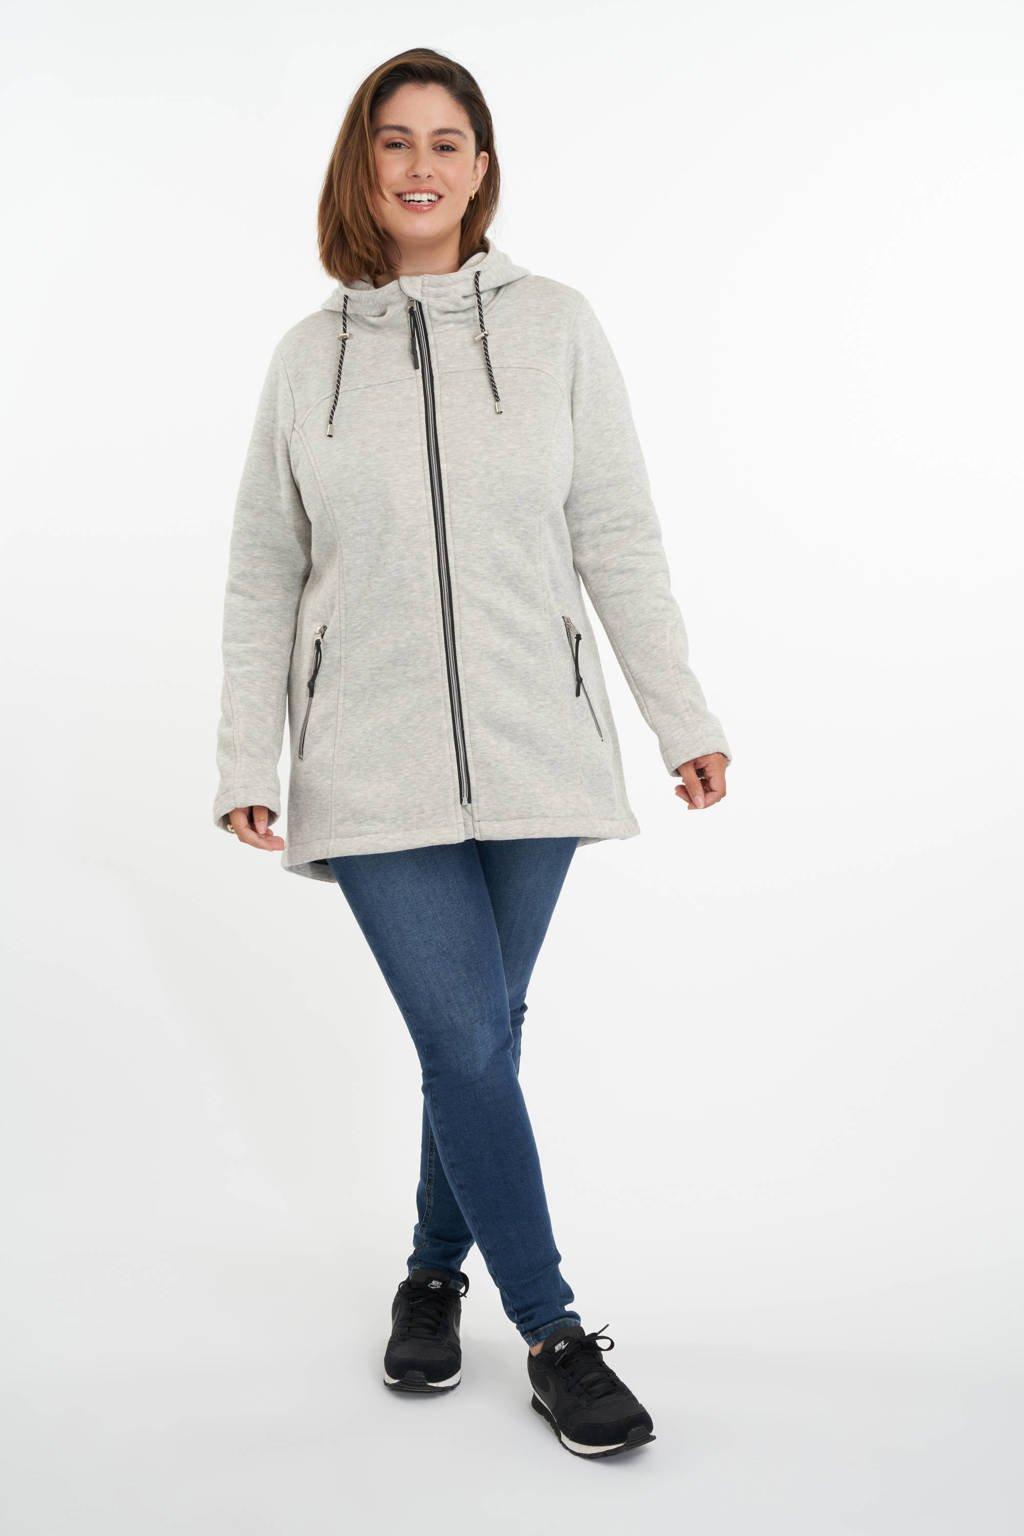 MS Mode gemêleerde jas lichtgrijs, Lichtgrijs